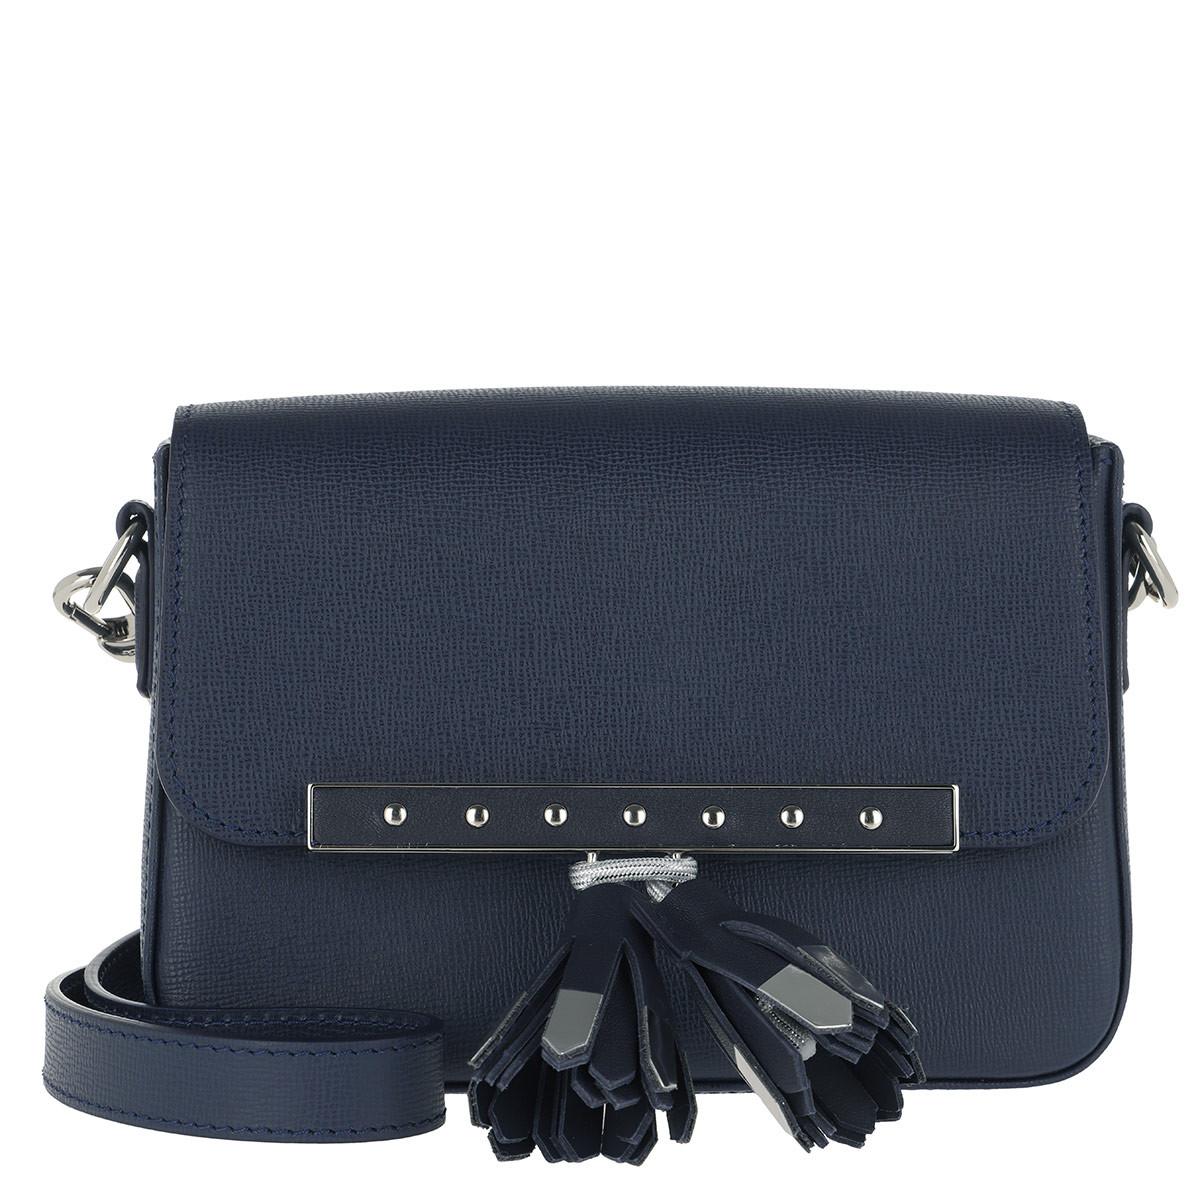 Longchamp Umhängetasche - Game On Crossbody Bag XS Navy - in marine - für Damen